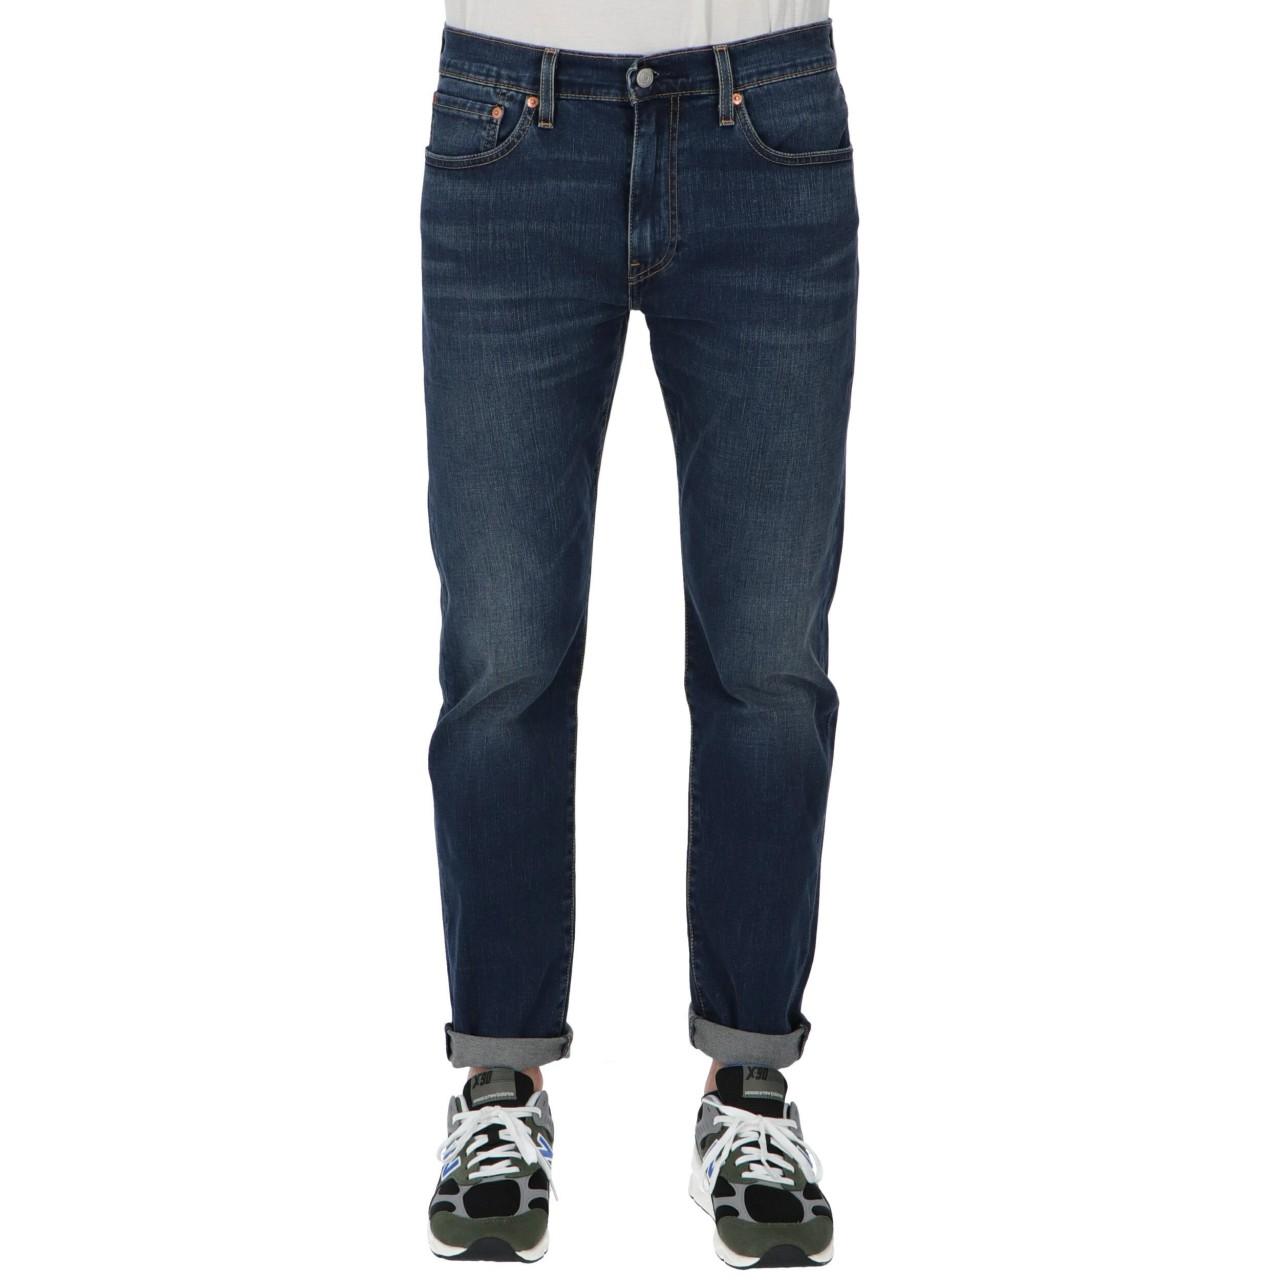 Levi's Uomo Jeans Levi's Uomo 502 Regular Taperd Adriatic Adapt 5070473M